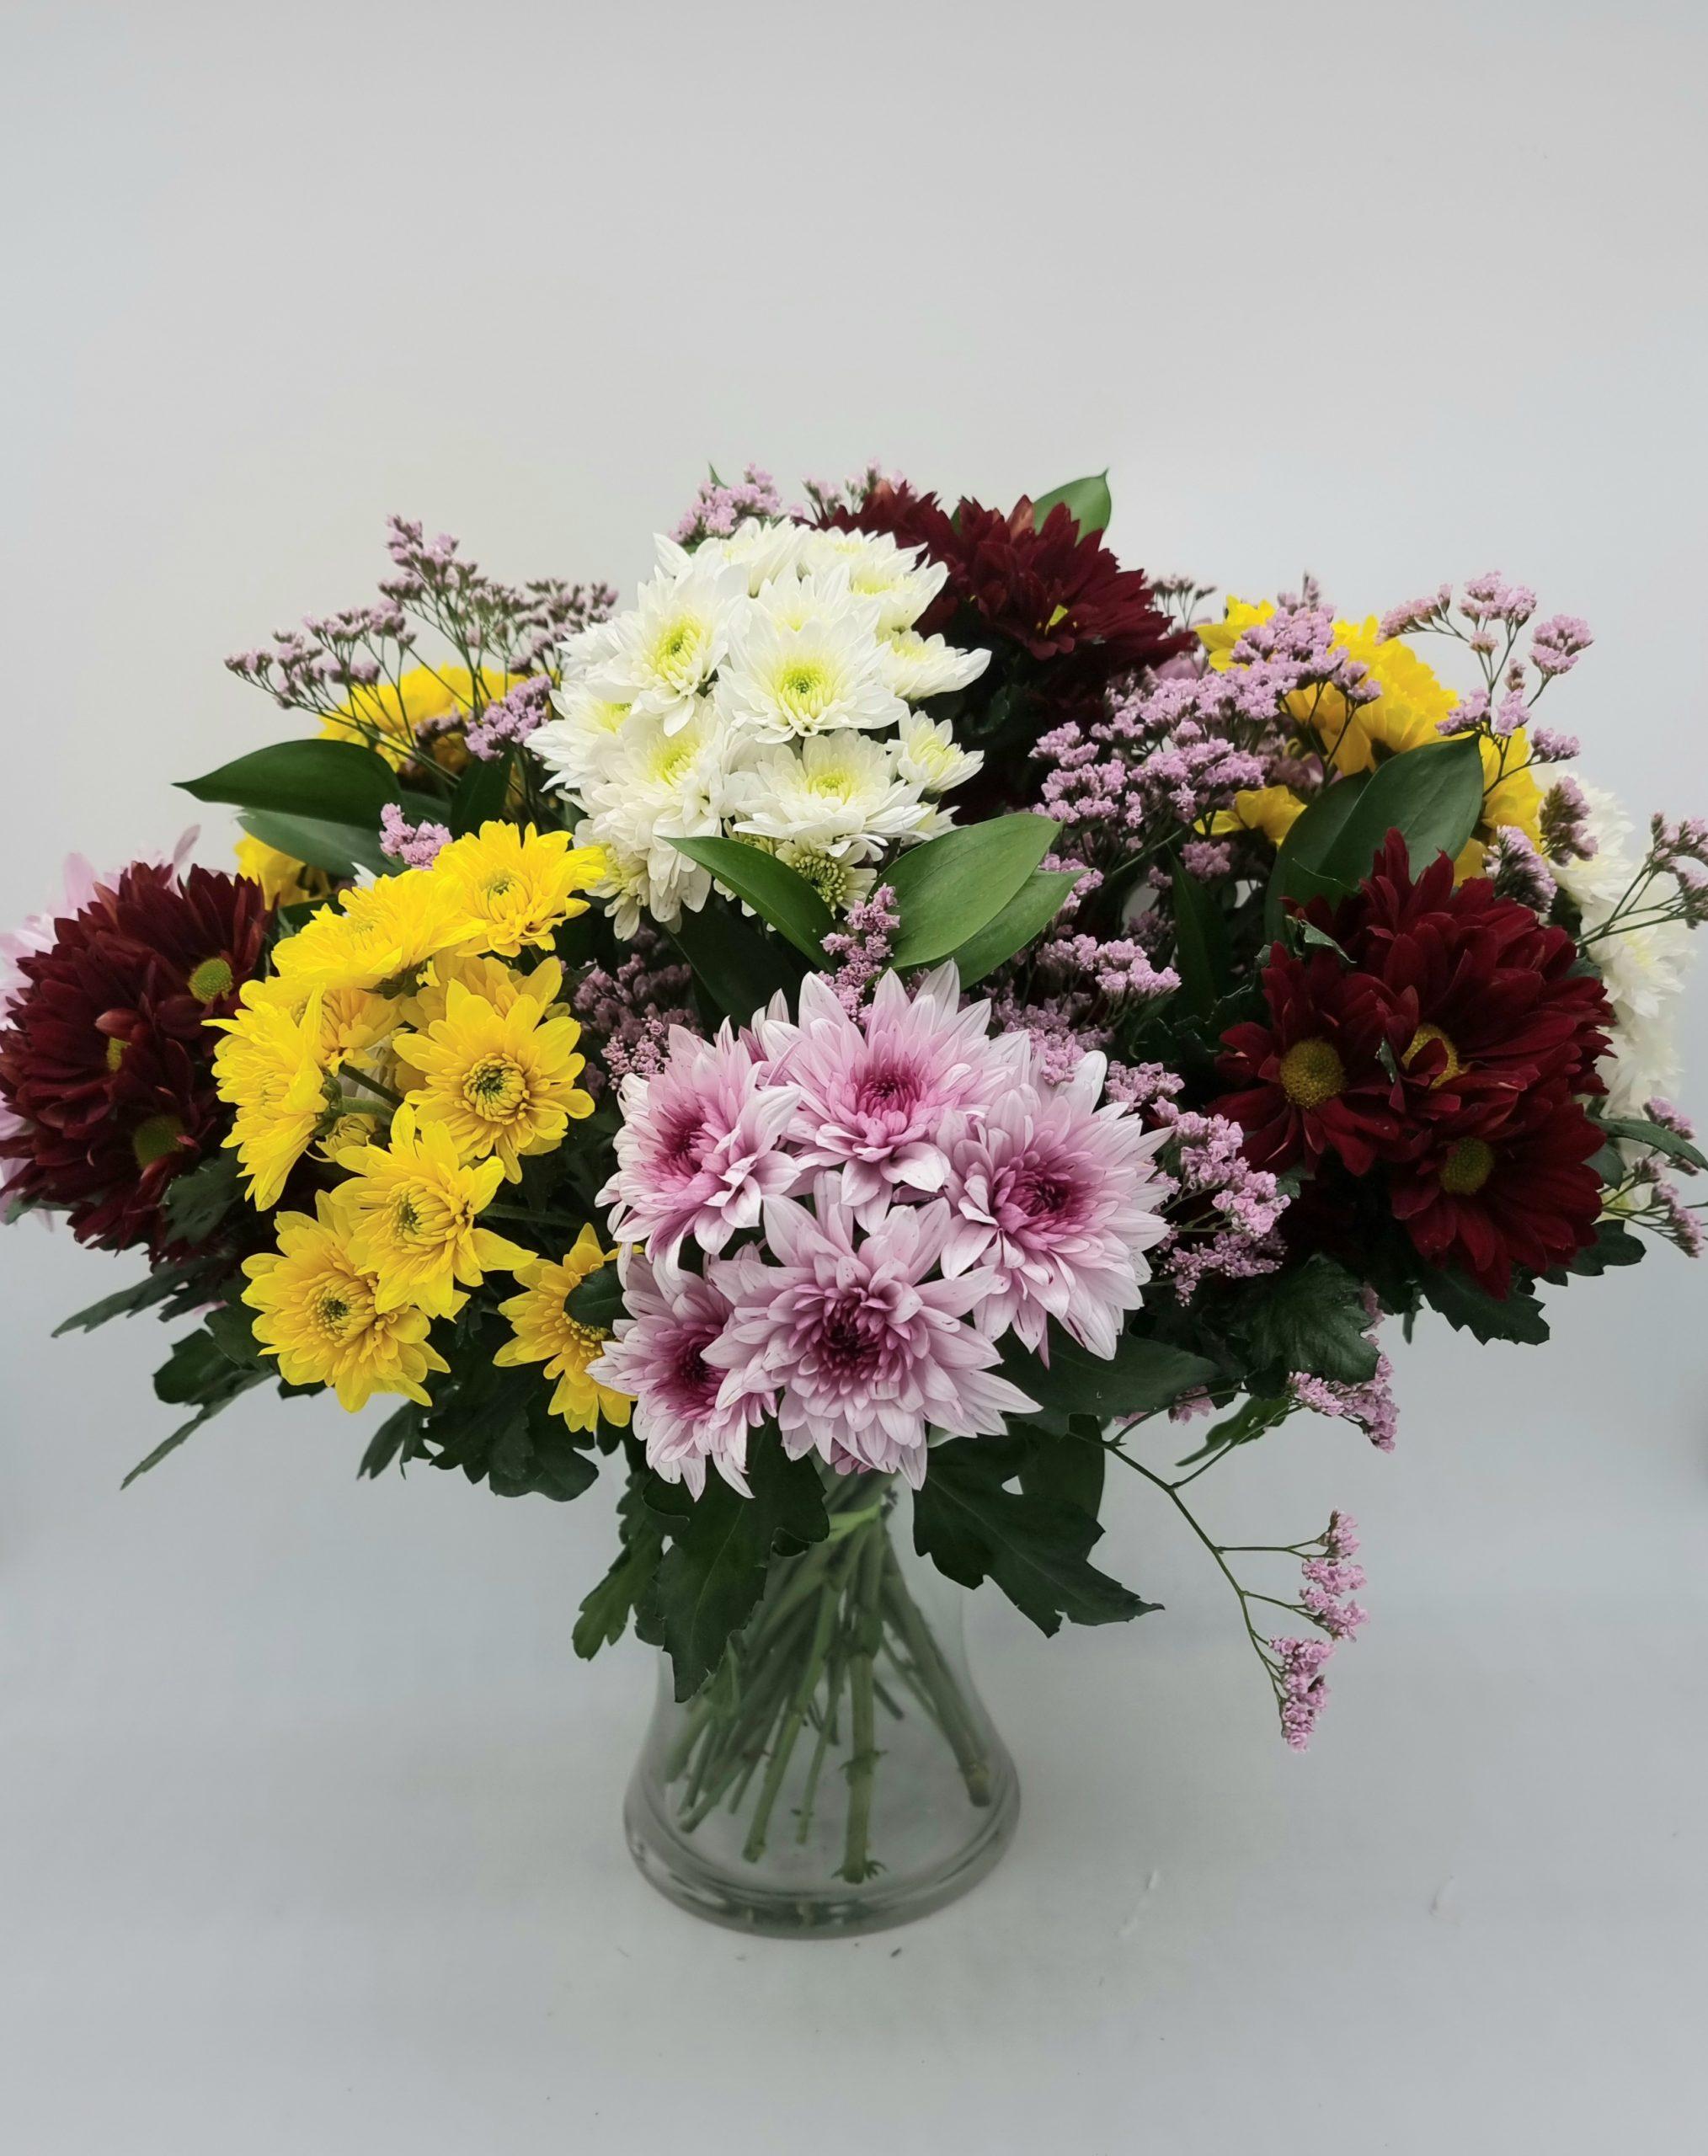 זר חרציות - תלתן פרחים - צפת